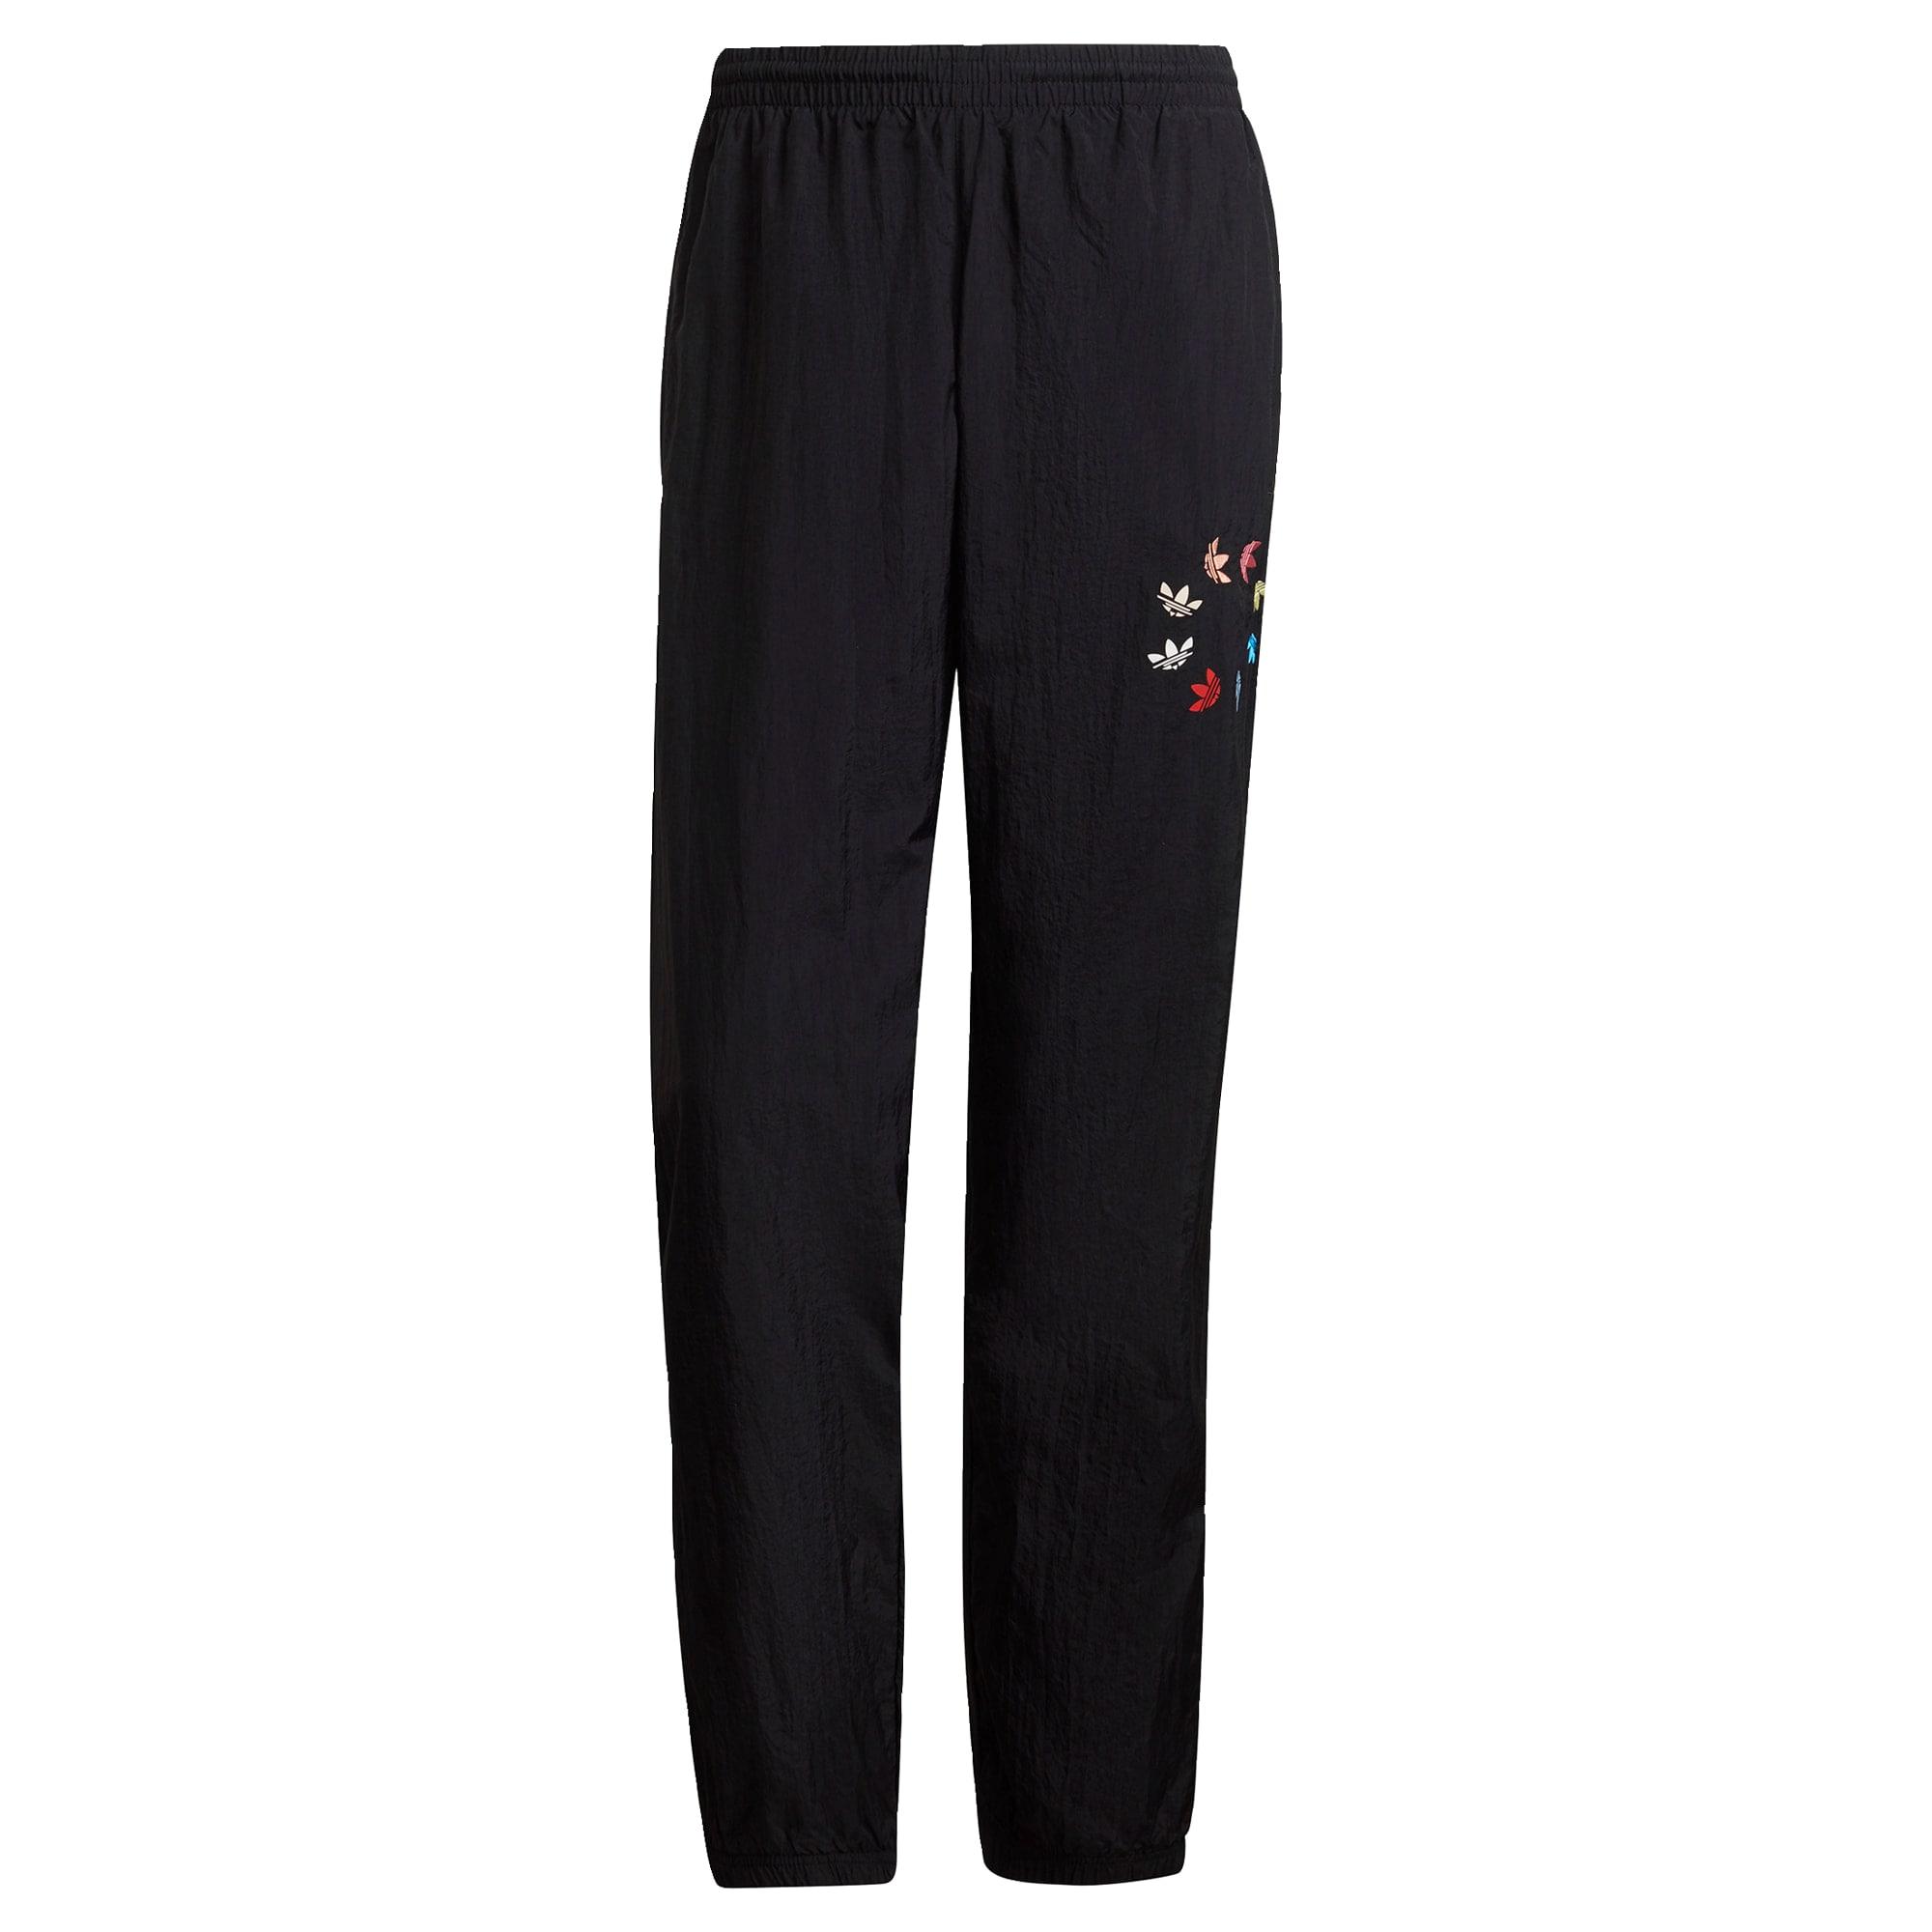 ADIDAS ORIGINALS Pantalon  - Noir - Taille: L - male